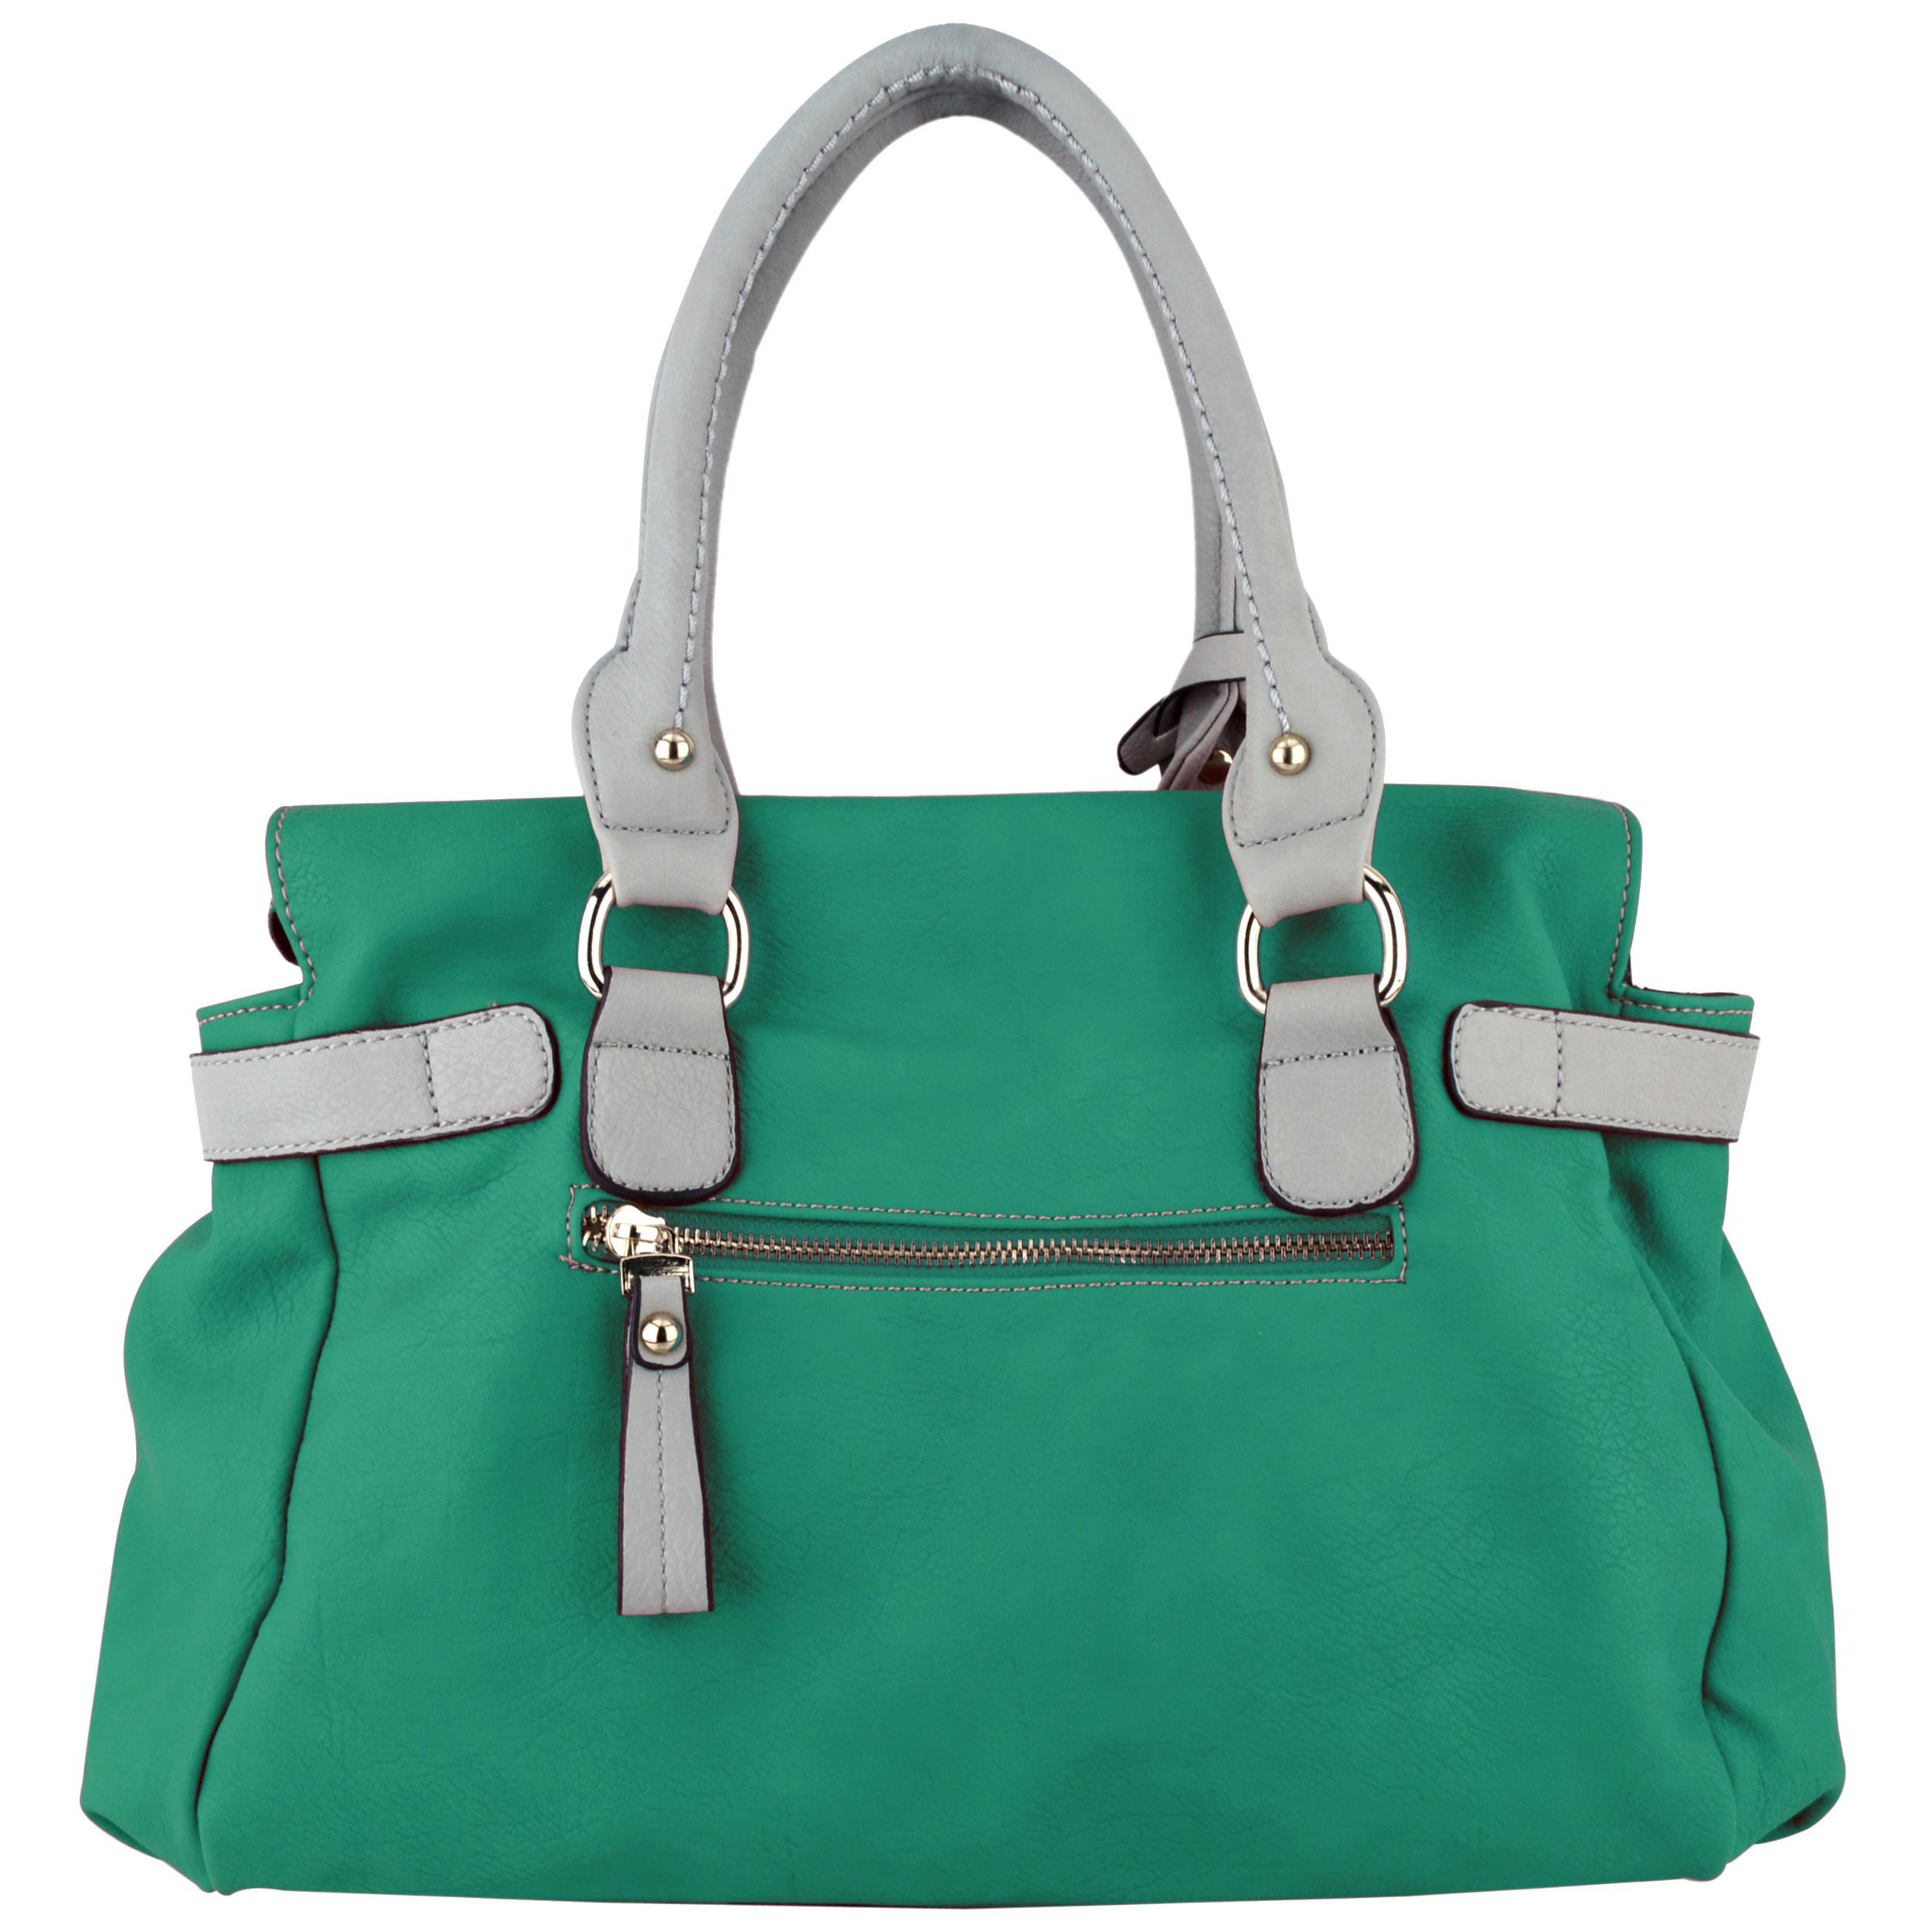 GABBY Teal Shopper Hobo Handbag Back